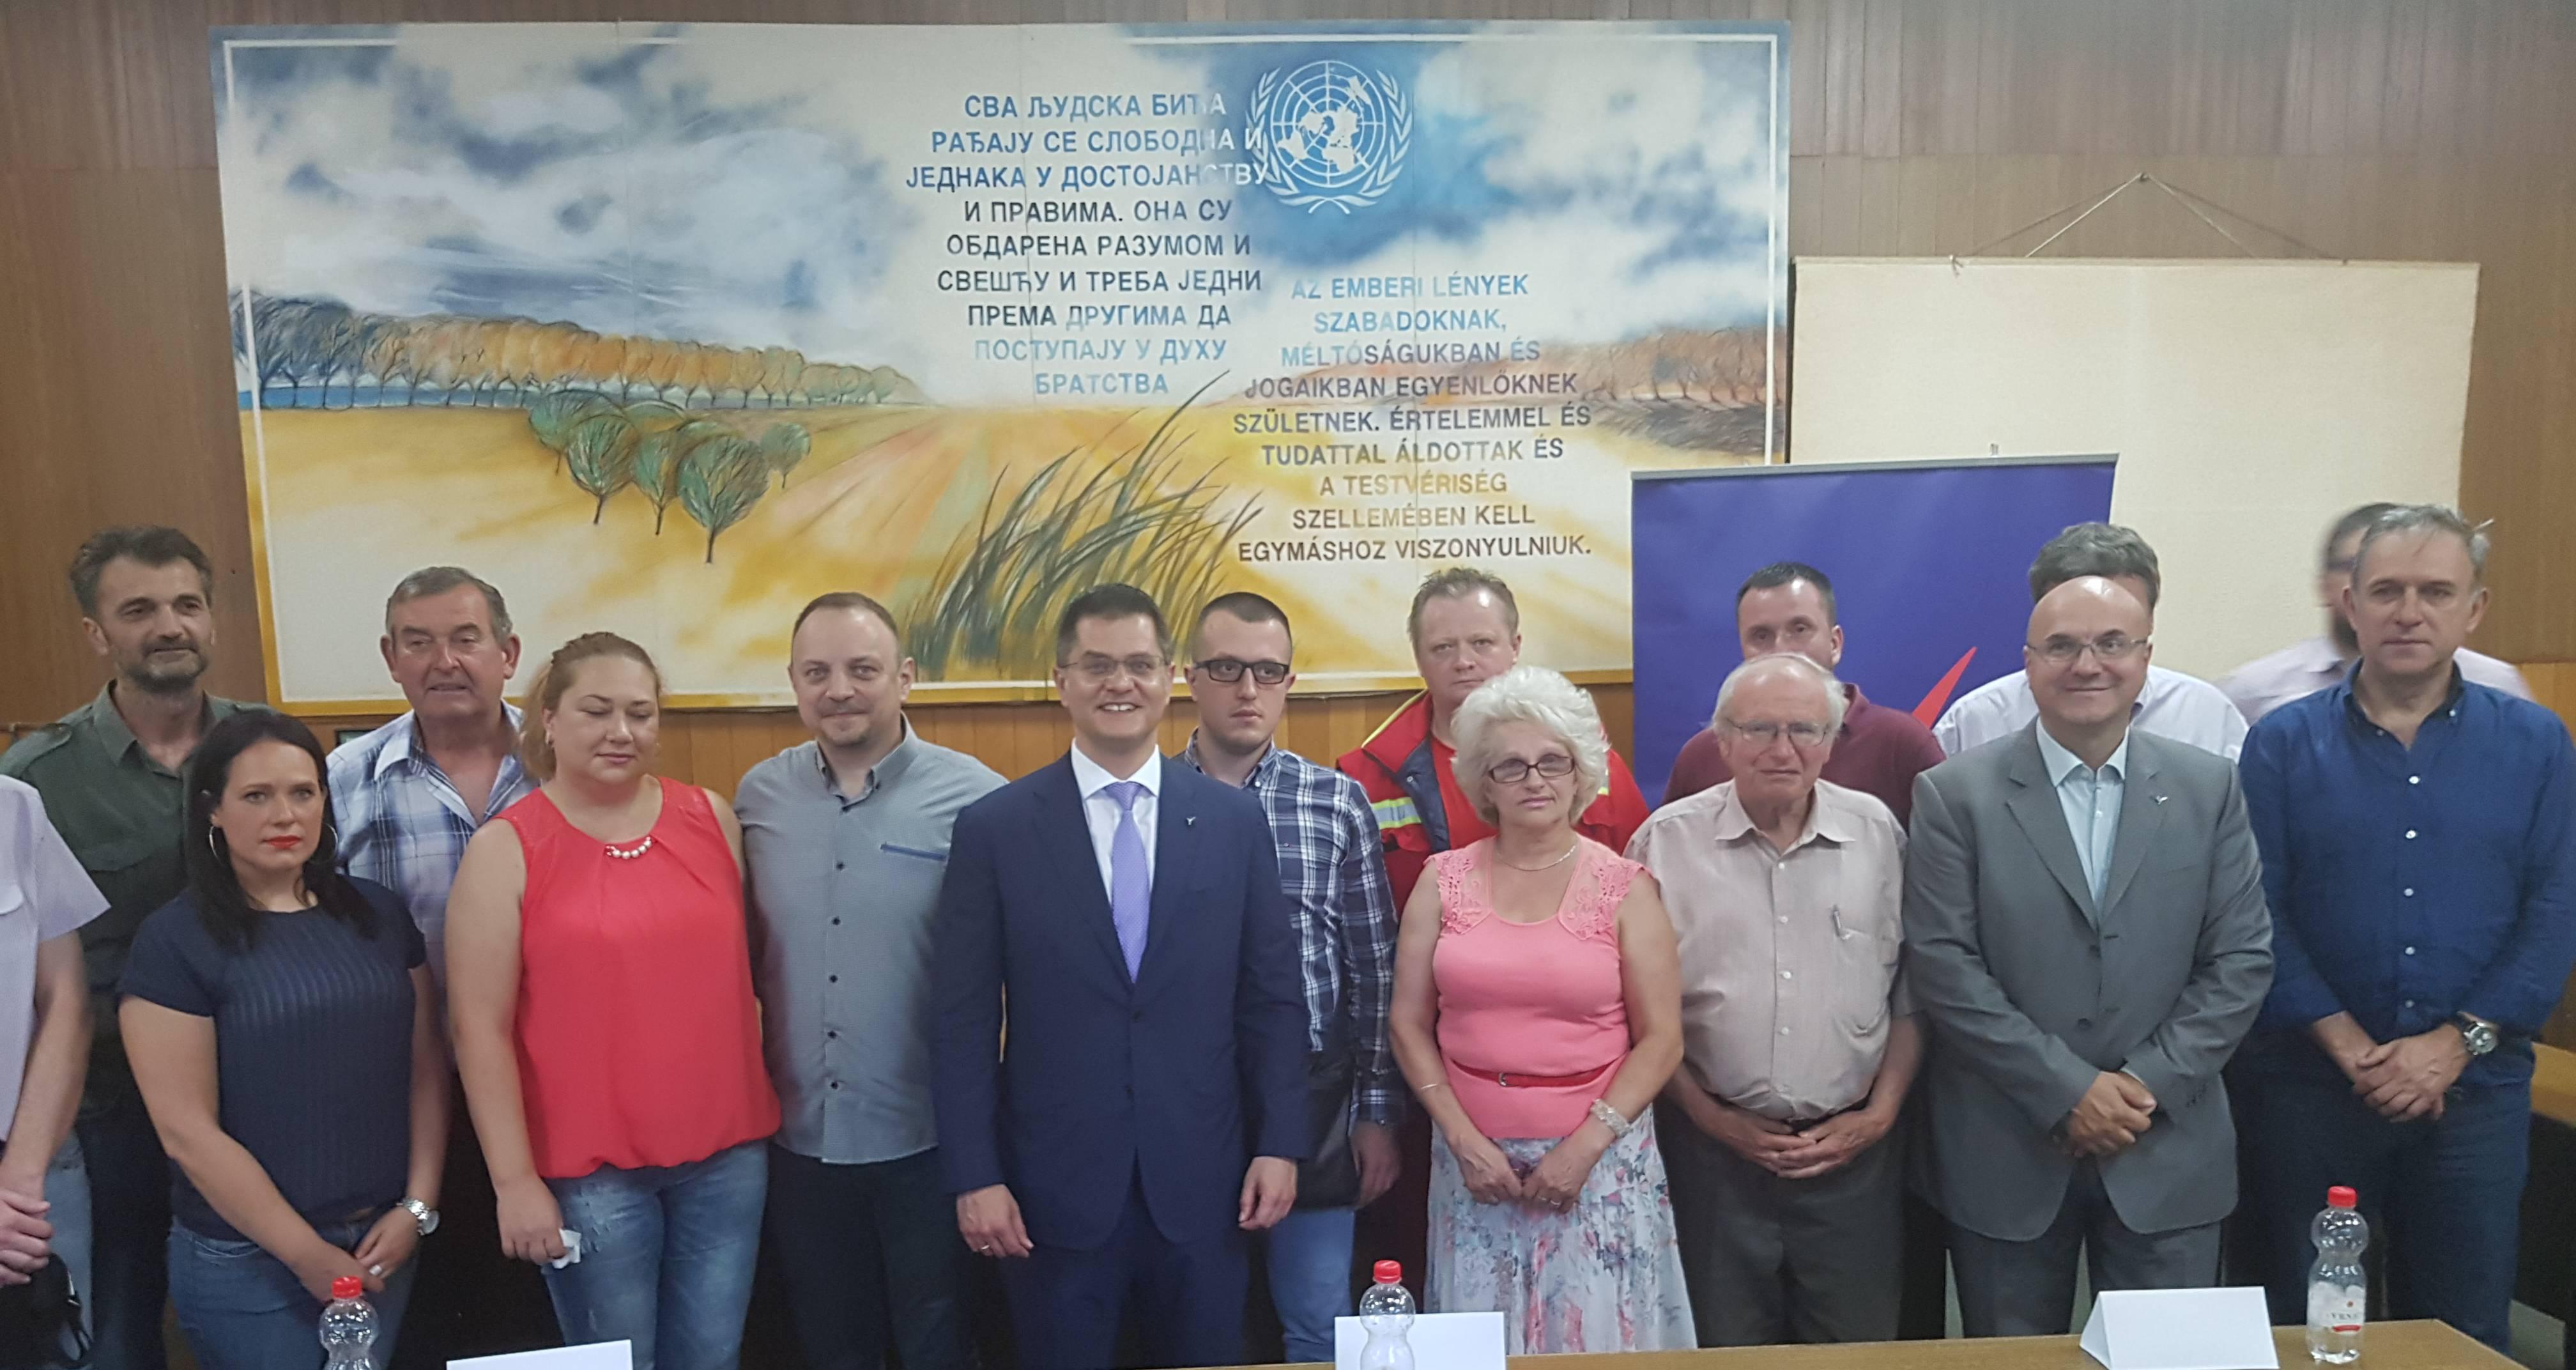 Бачка Топола: Основан Општински одбор Народне странке